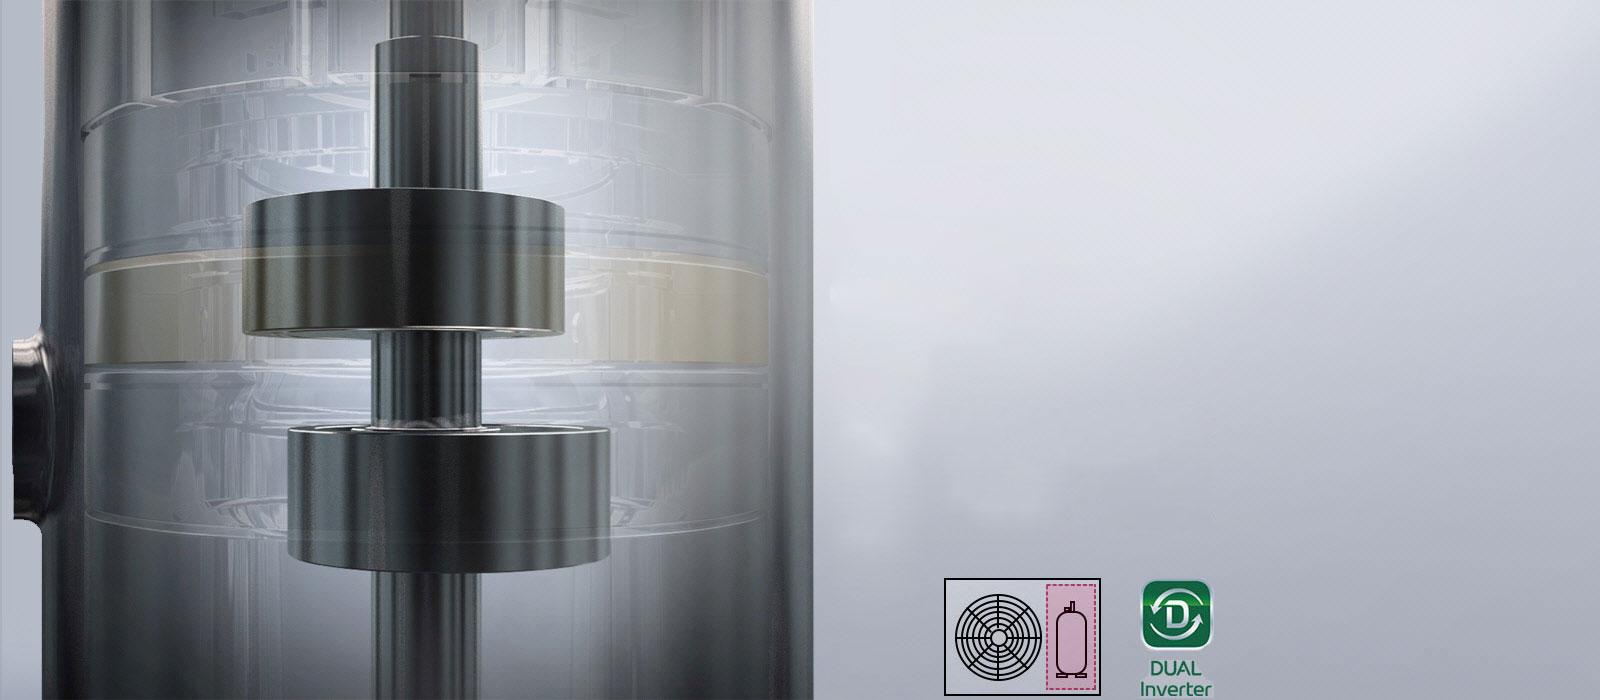 Các hoạt động bên trong của Máy nén biến tần kép có thể nhìn thấy thông qua lớp bên ngoài gần như vô hình. Gần đó là logo DUAL Inverter và hai biểu tượng đại diện cho quạt và máy nén.